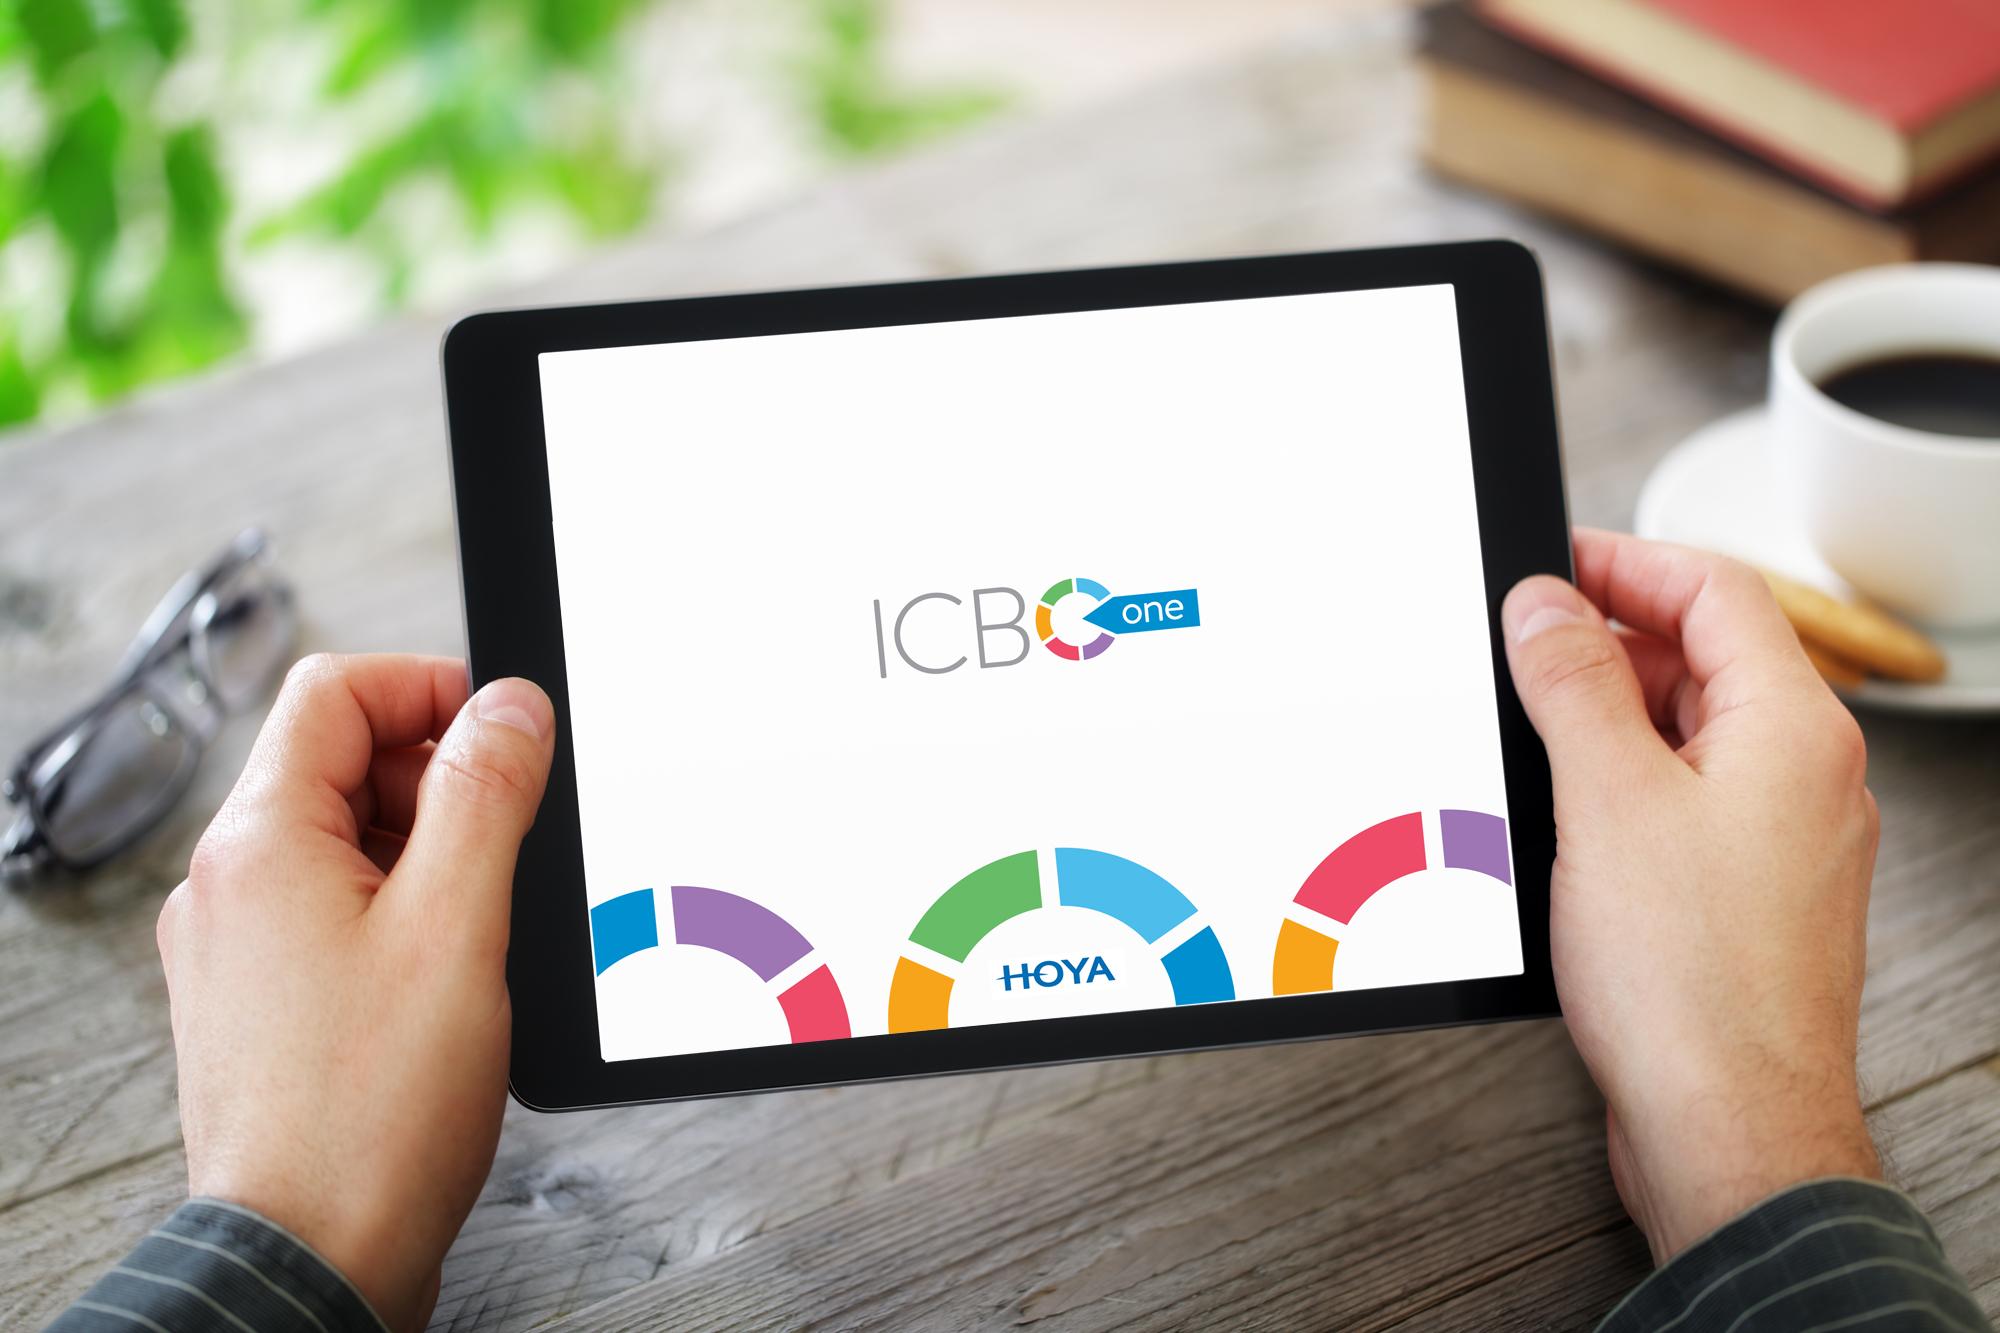 ICBO-One App - Für eine bessere Kommunikation und den Austausch von Informationen.